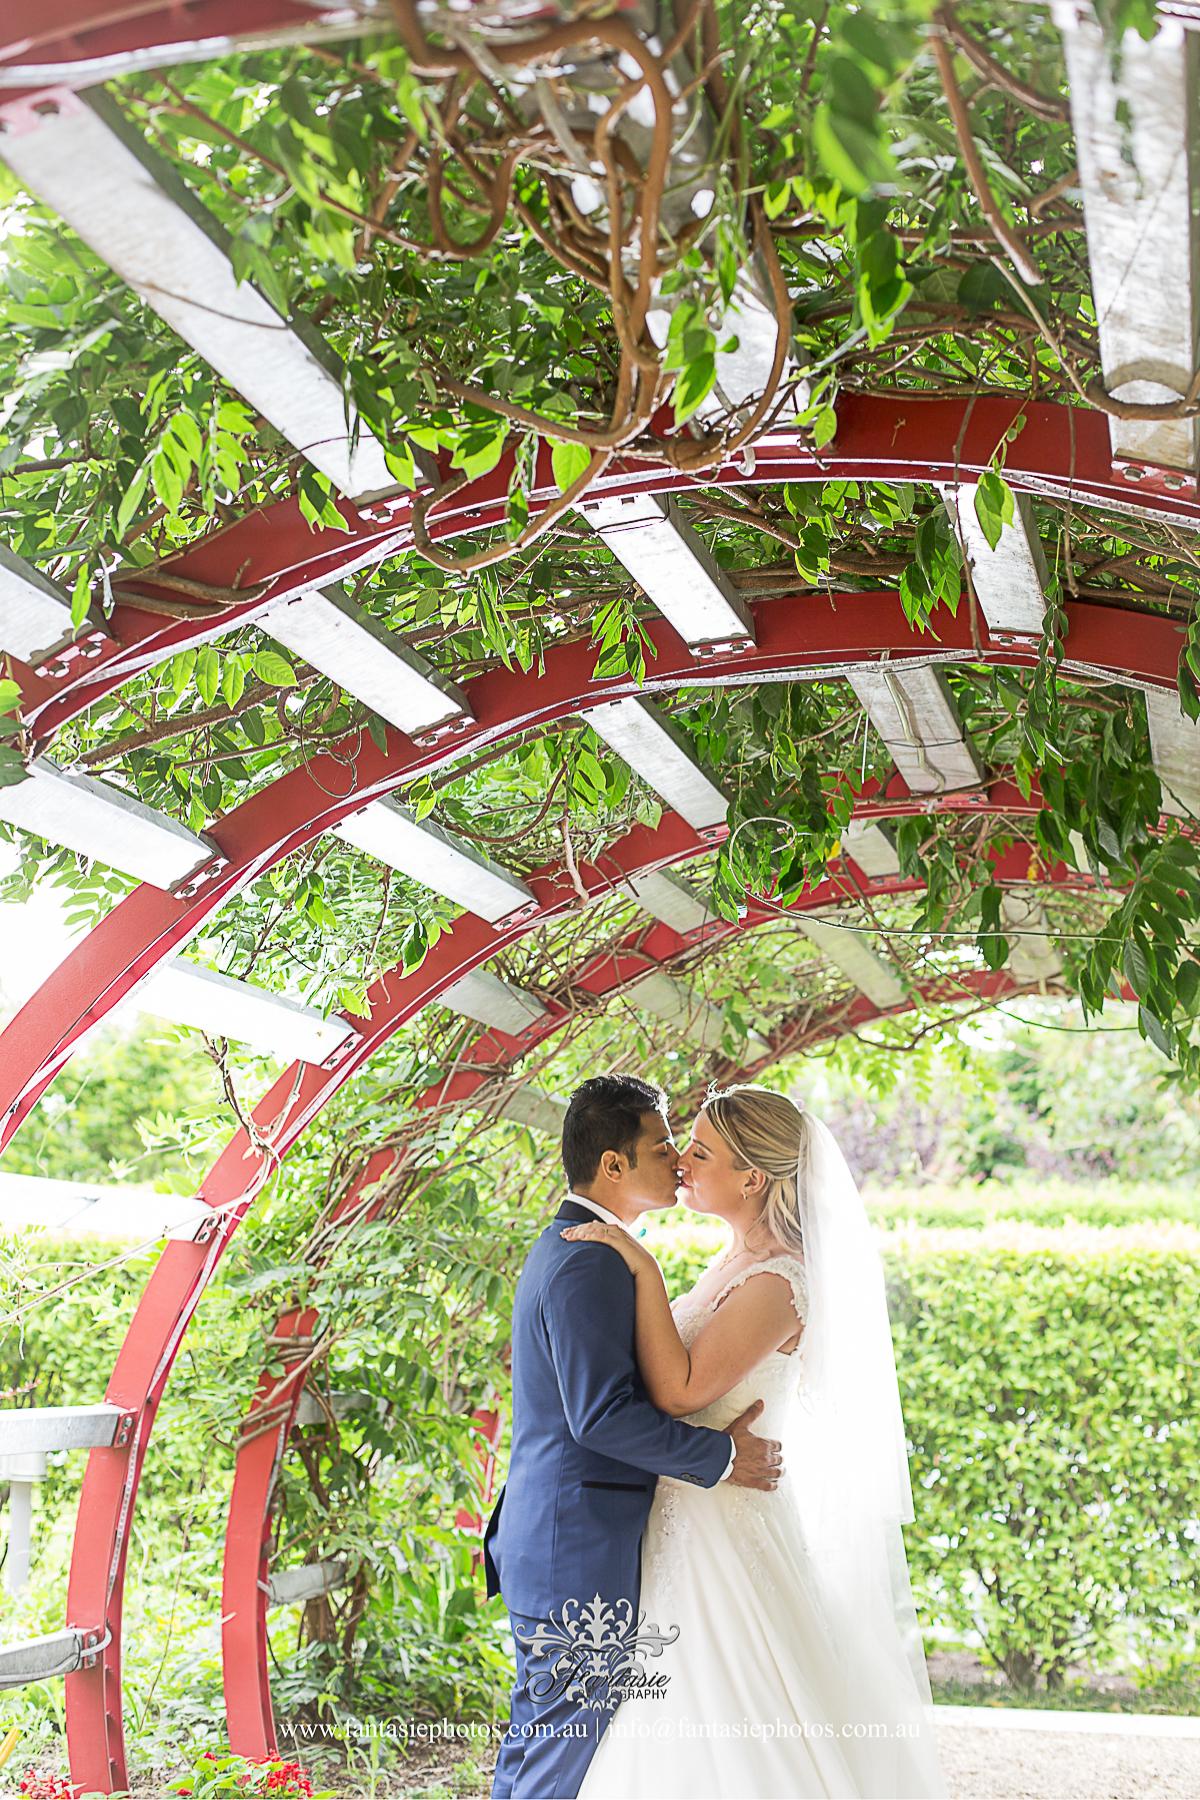 Kisses at Edens Garden Pymble